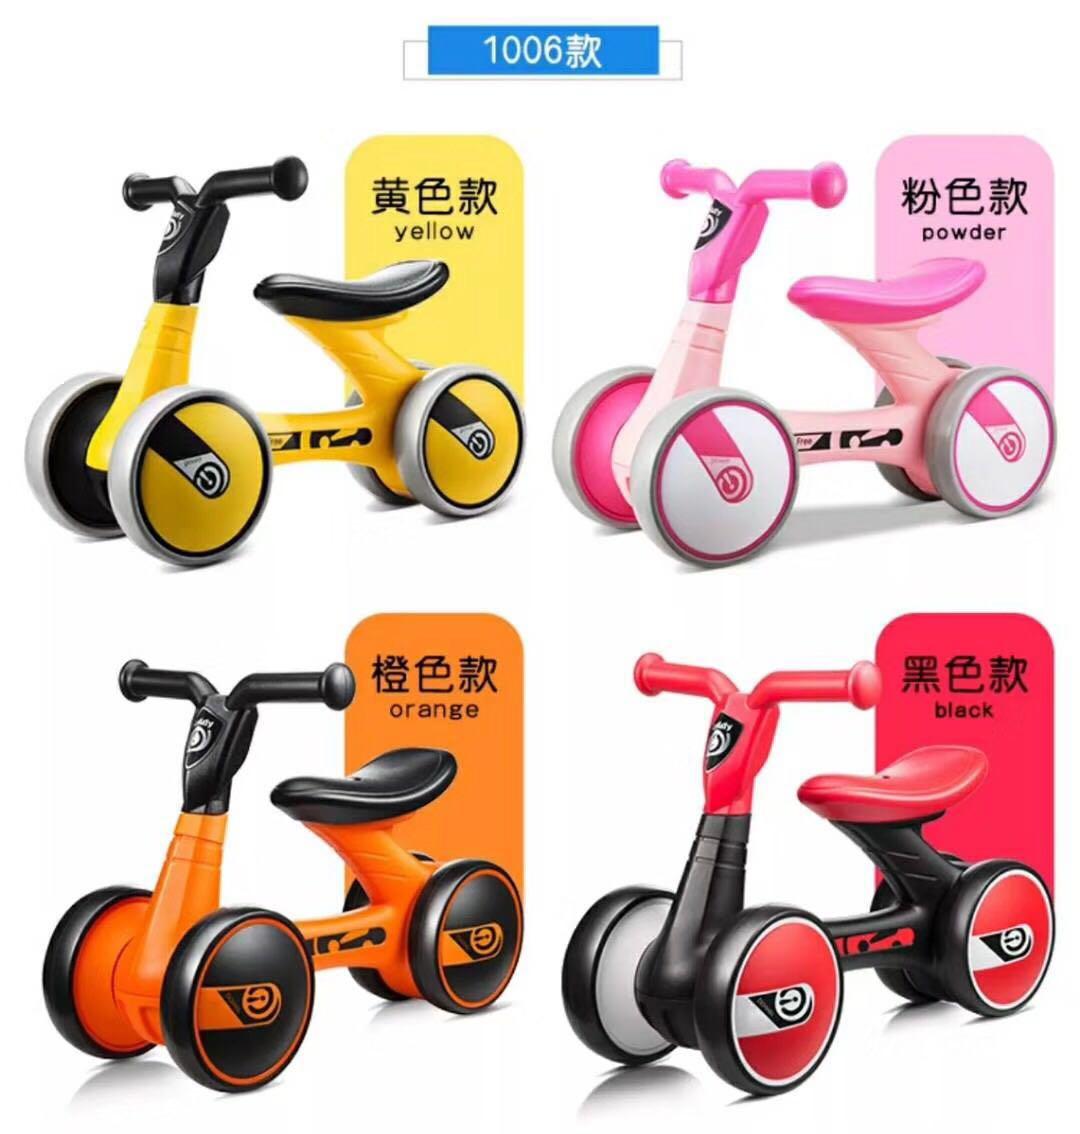 Balance Vélo Pour Enfants Jouer Voiture Enfant Jouet Bébé Vélo - Buy Vélo  Bébé 3 Roues,vélo Tricycle Bébé,vélo Bébé Product On Alibaba tout Jouet Pour Voiture Bébé